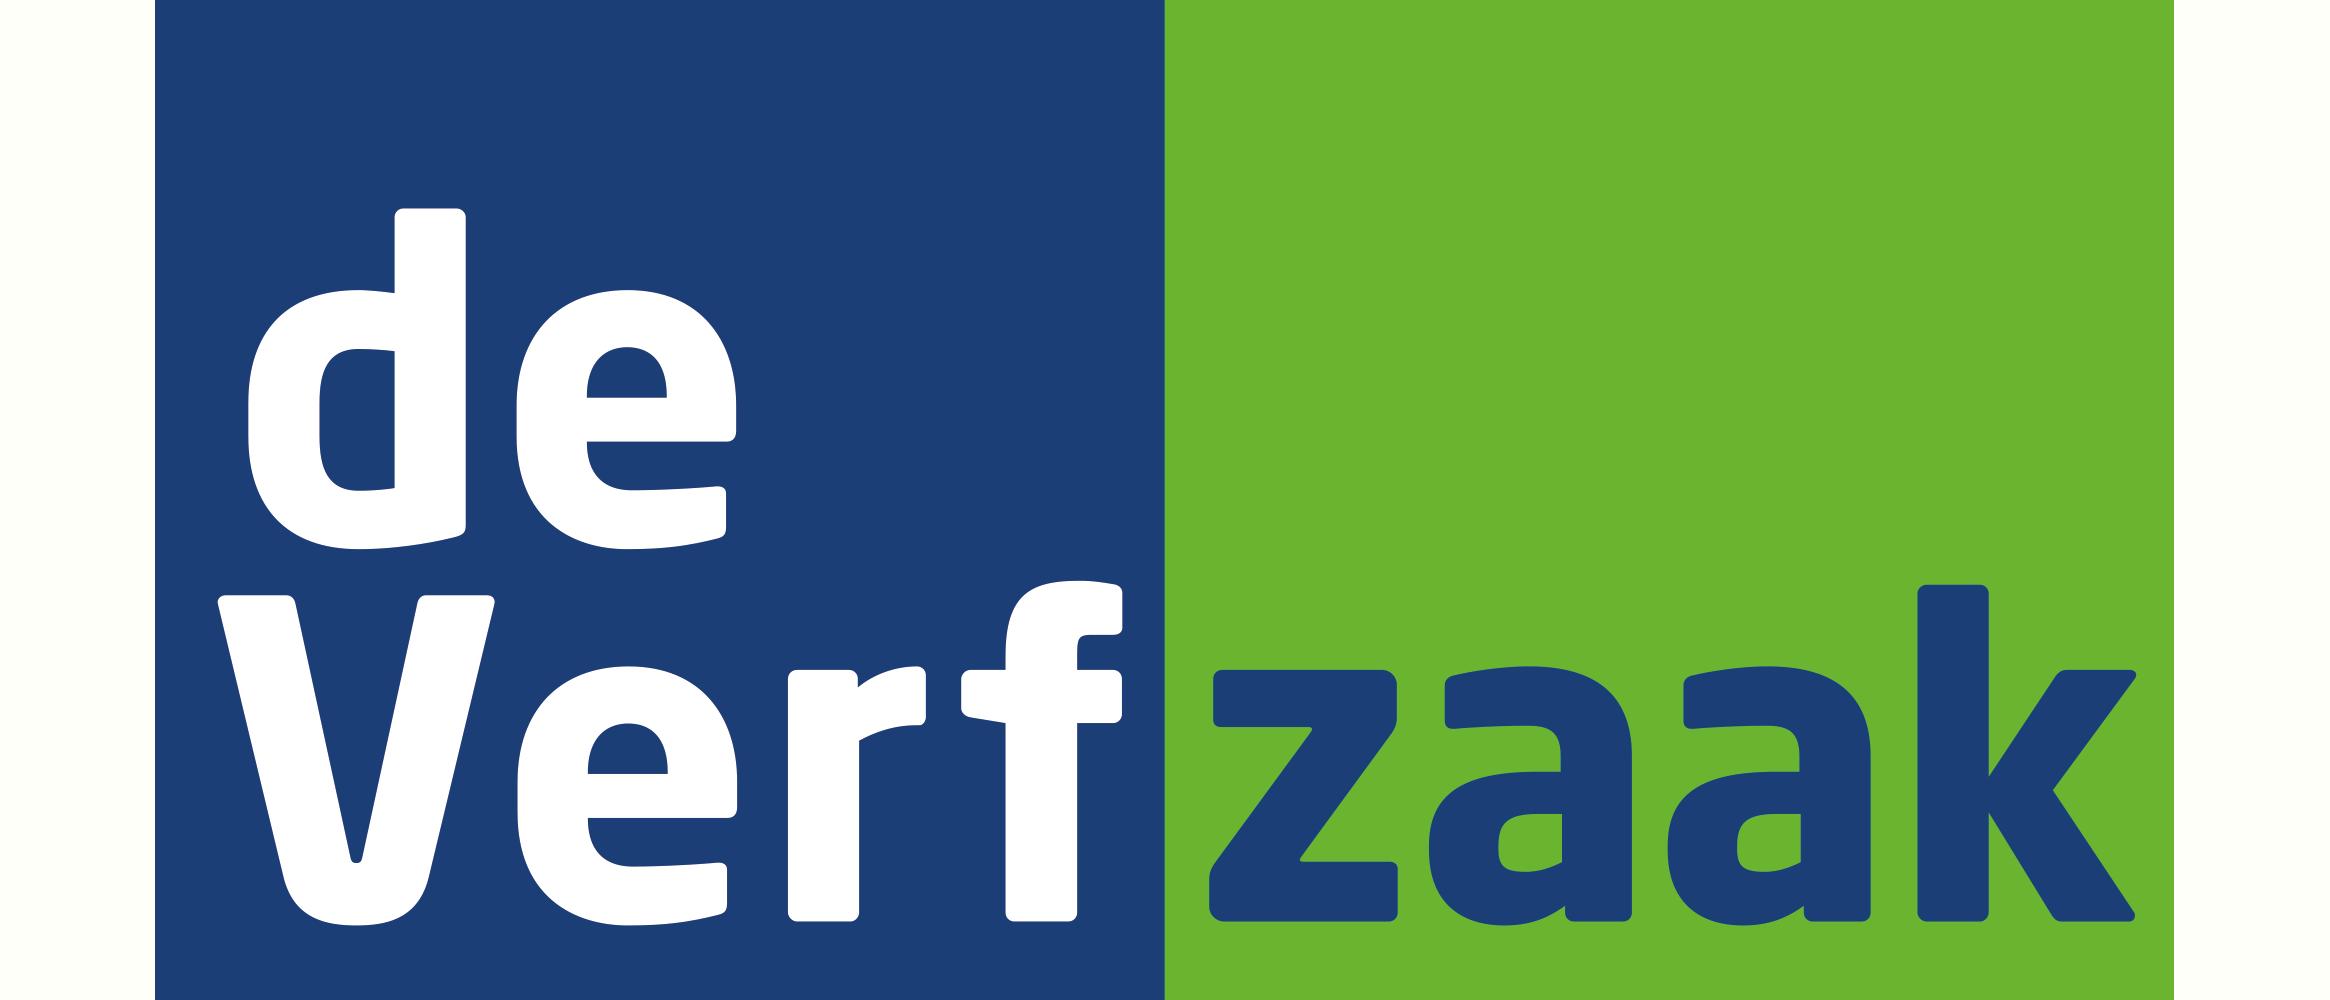 Logo of Deverfzaak.nl